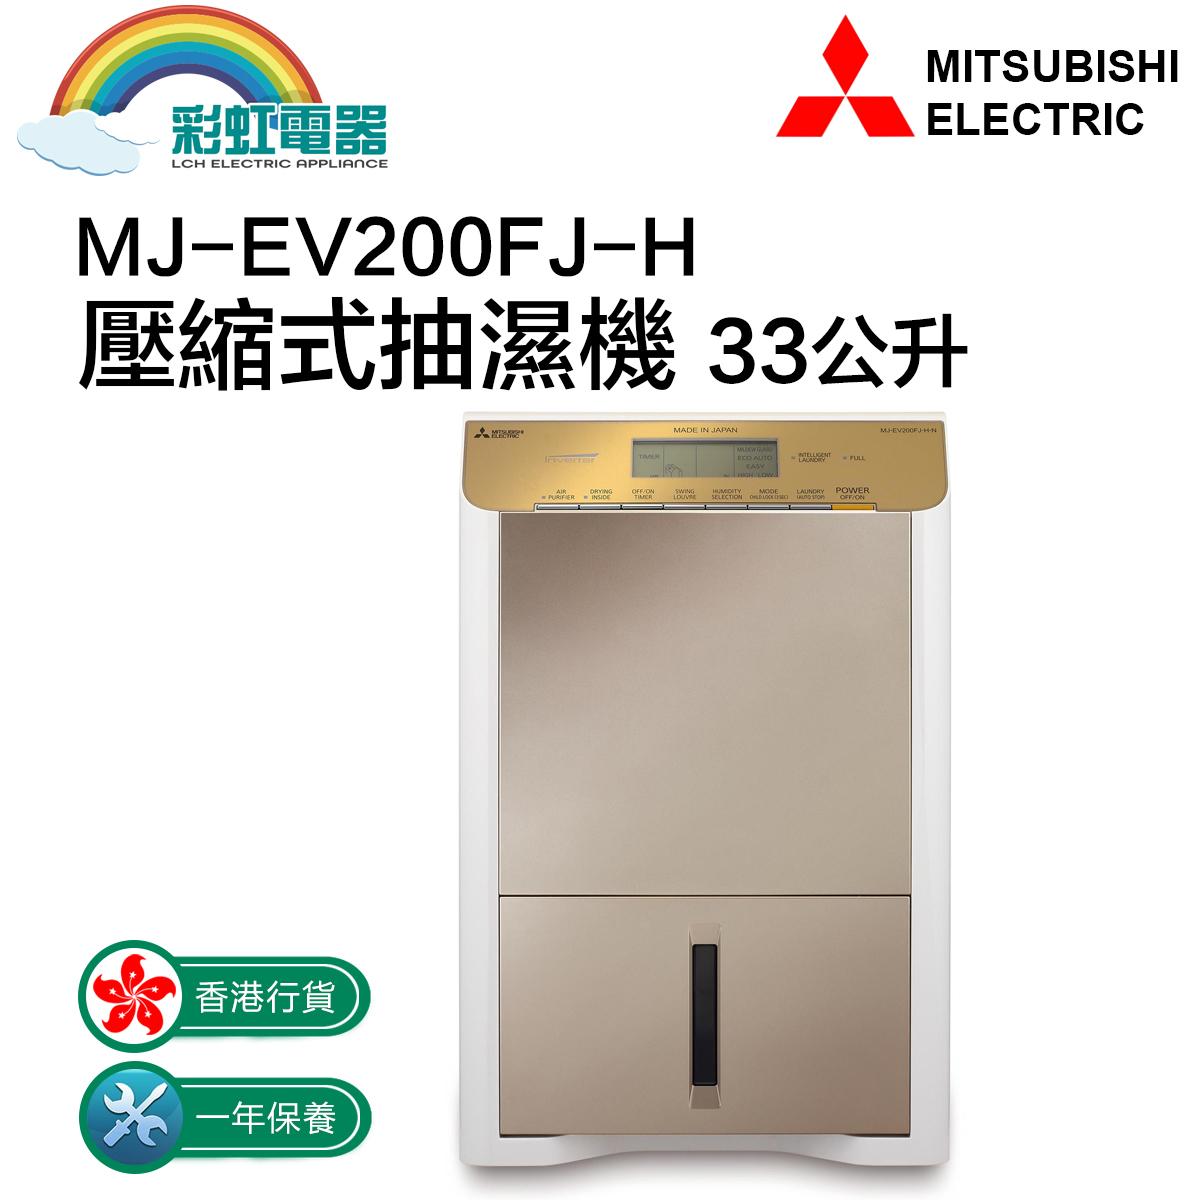 MJ-EV200FJ-H 33公升 壓縮式抽濕機-金